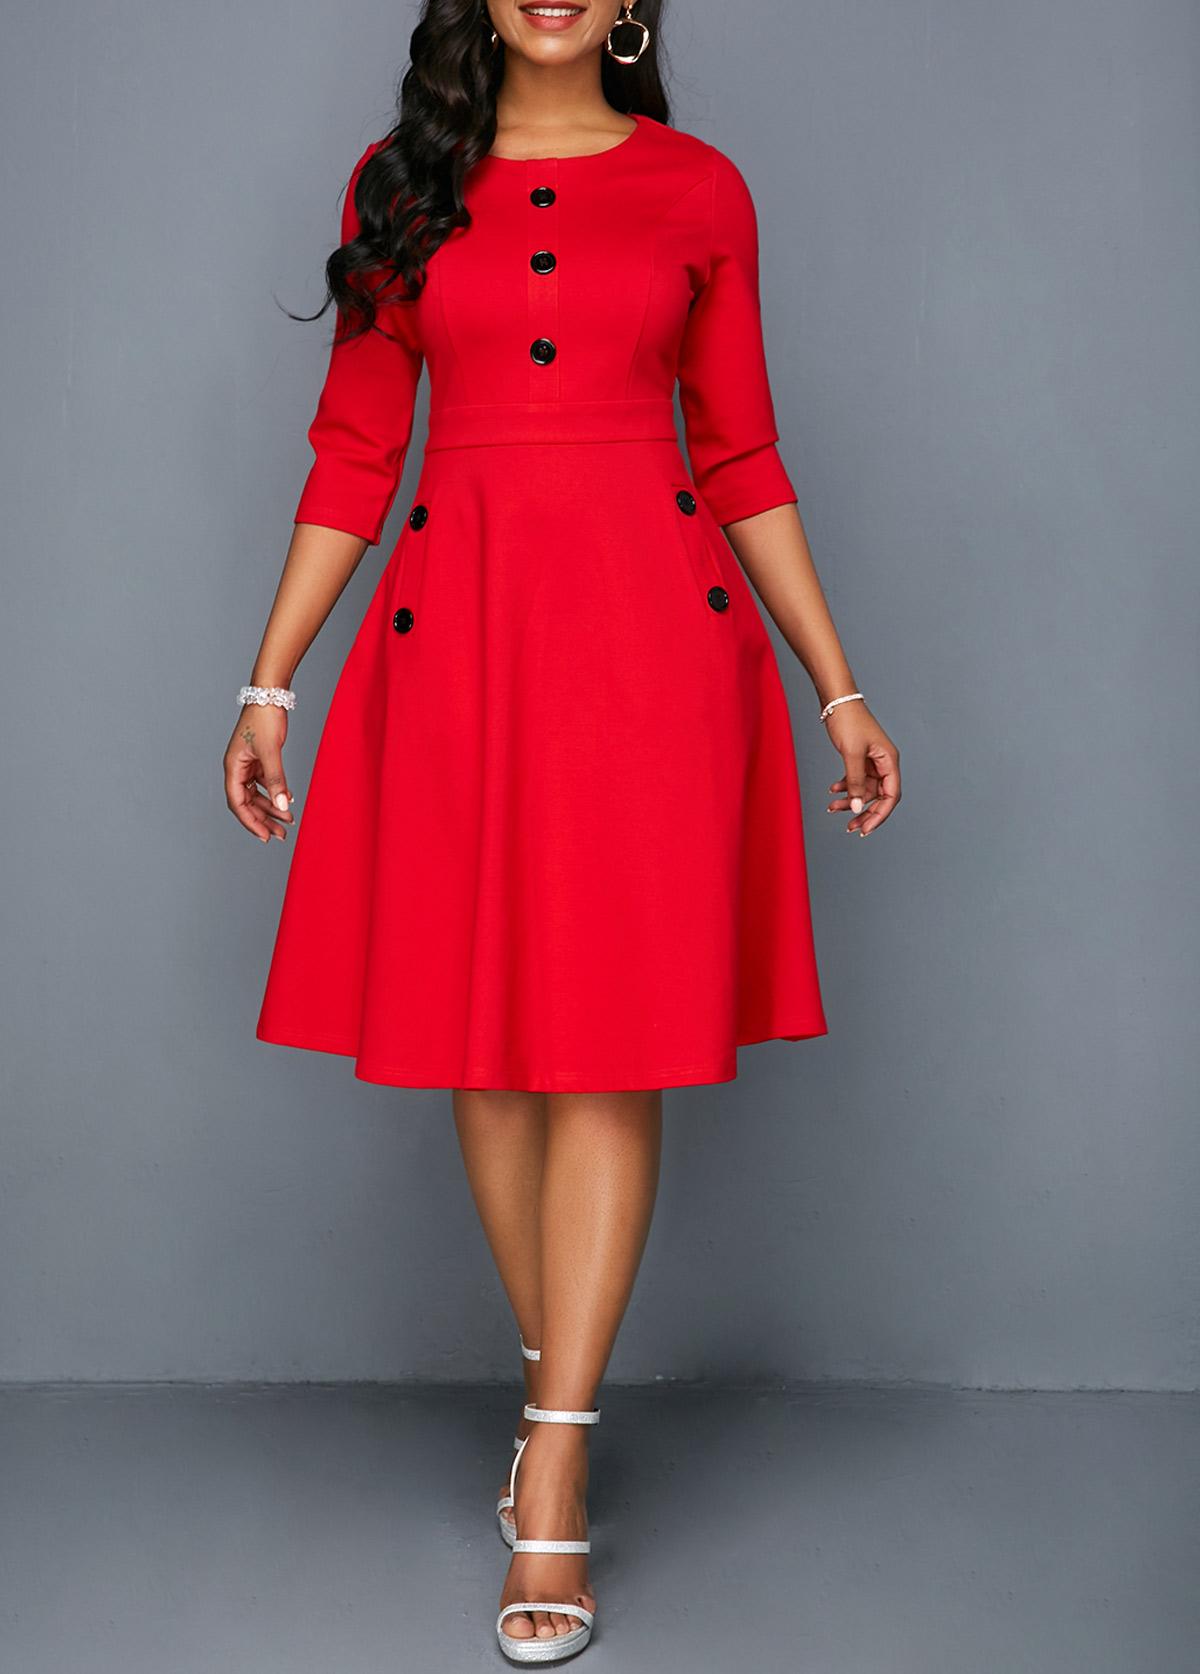 Button Embellished Pocket Red A Line Dress